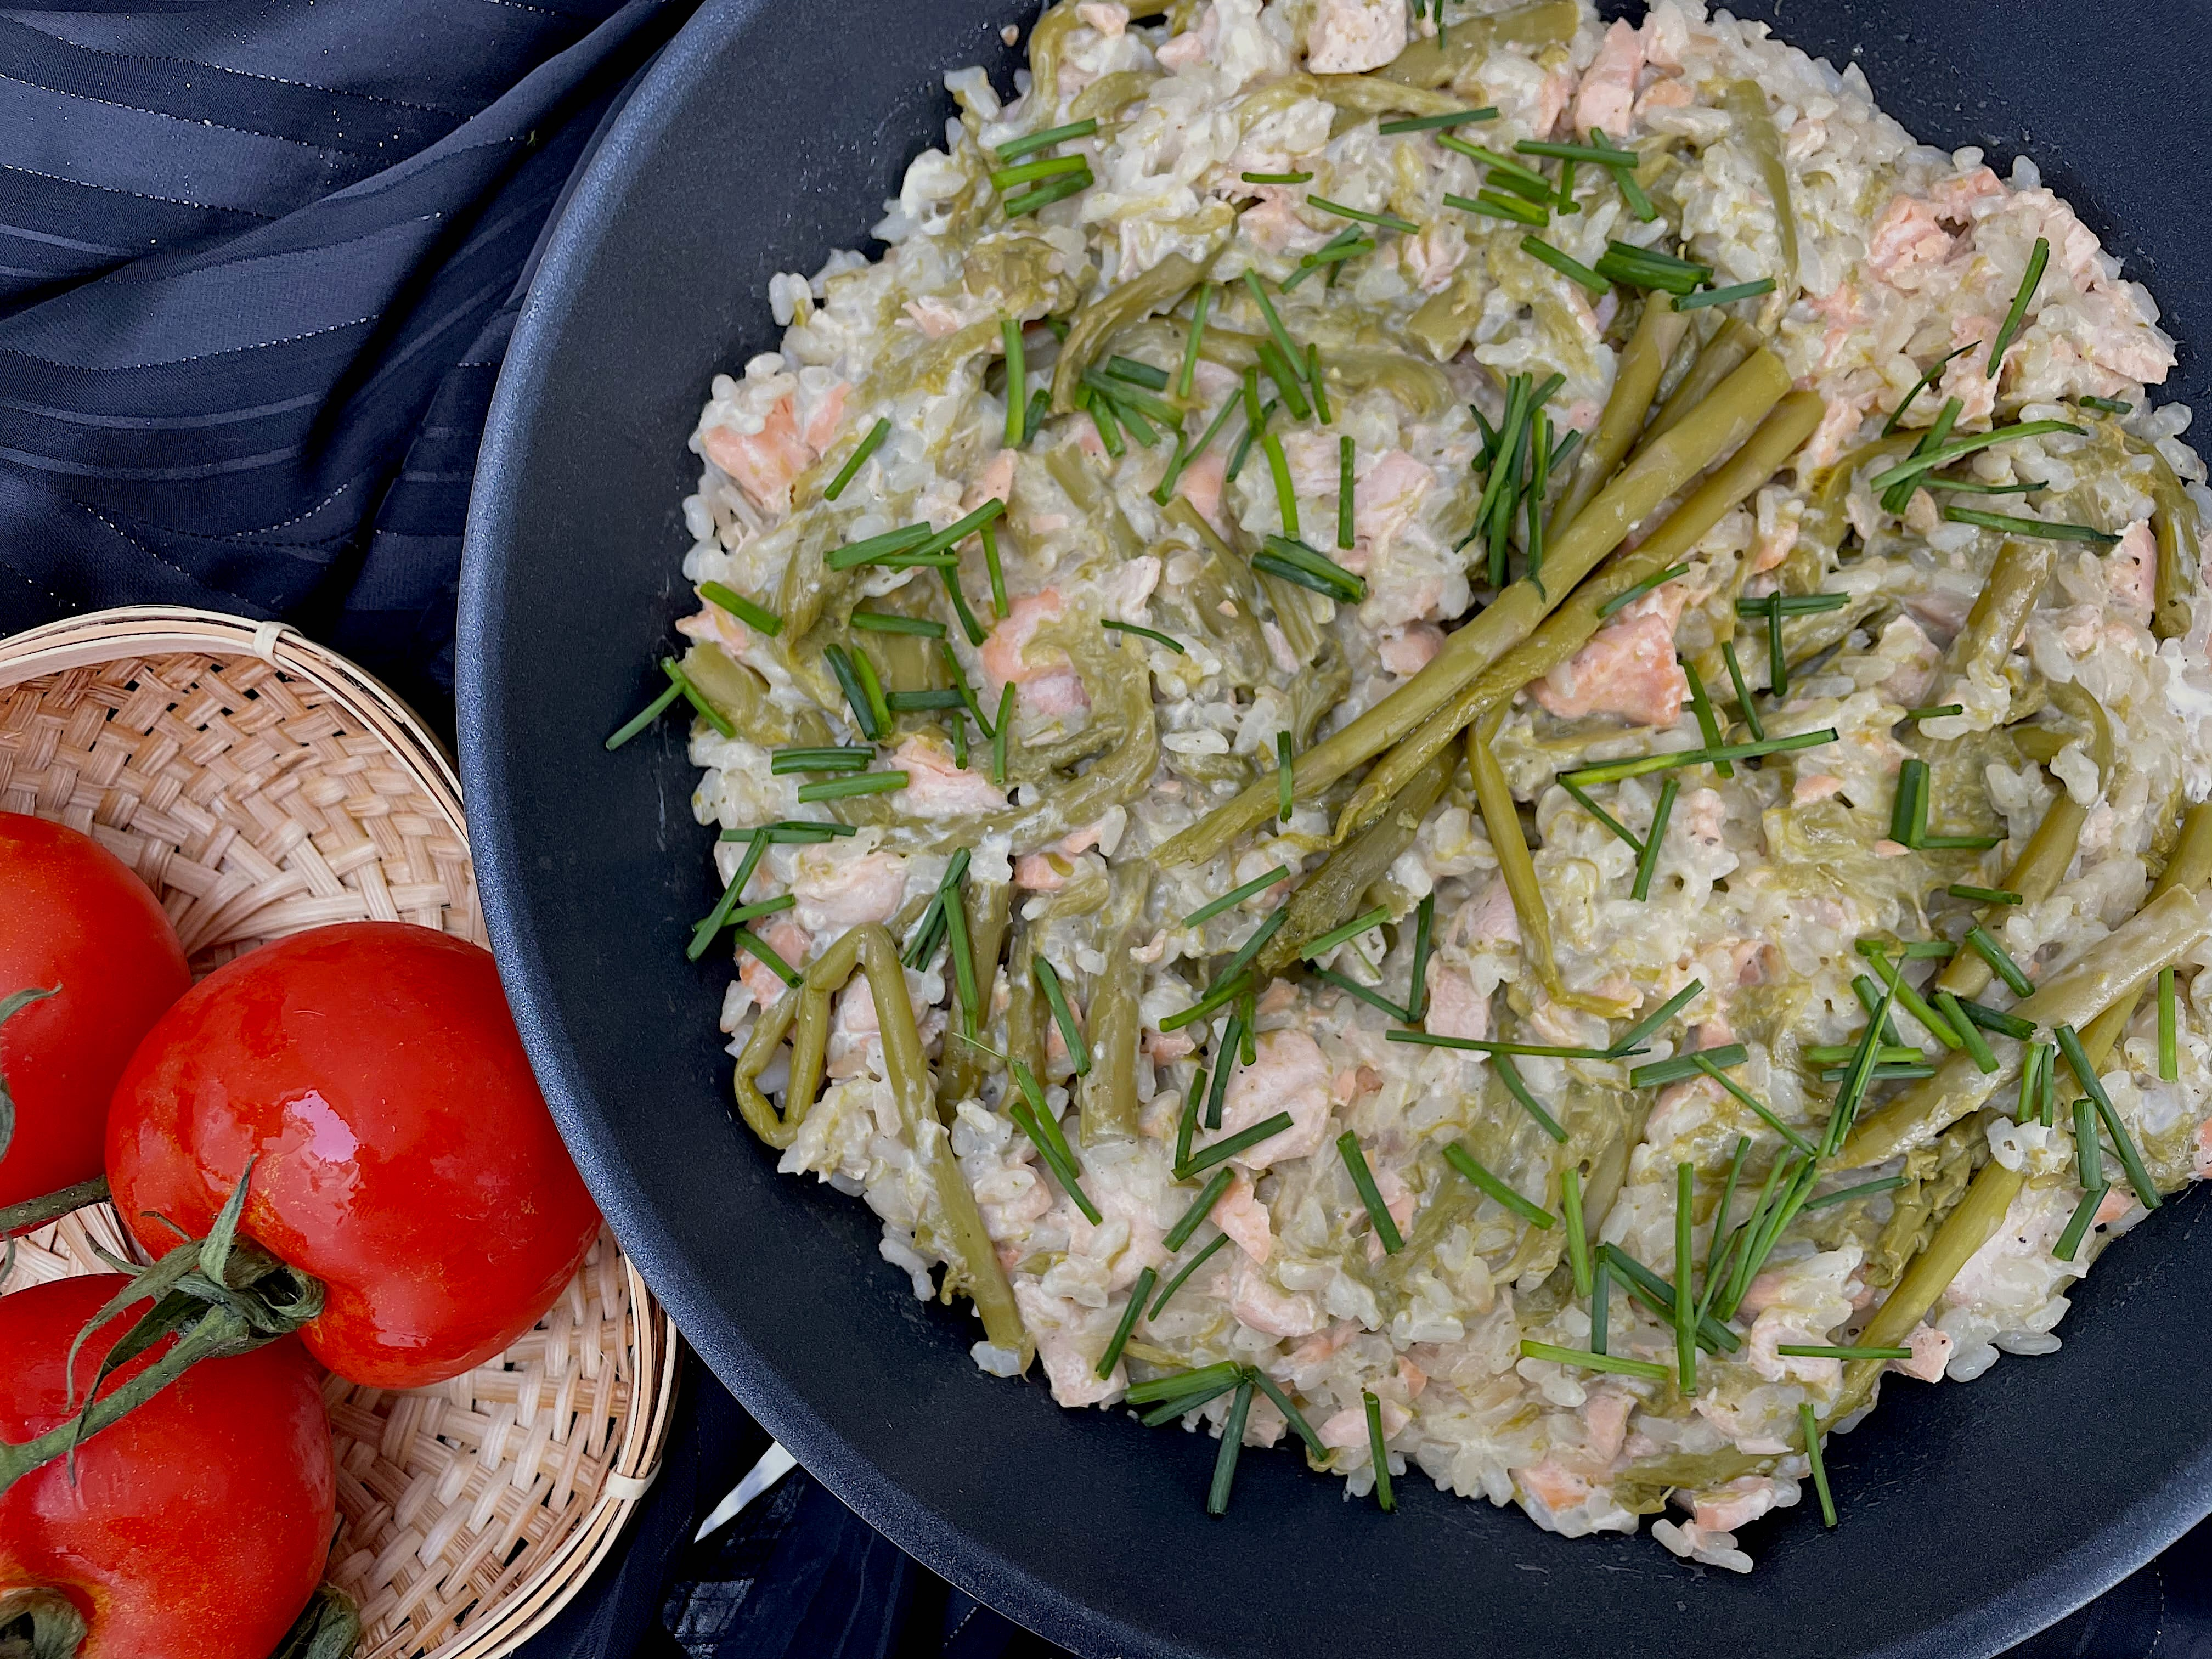 Le risotto est présenté dans un saladier bleu. Le saumon est recouvert par le riz. Les asperges et la ciboulette émincée sont sur le dessus du plat.